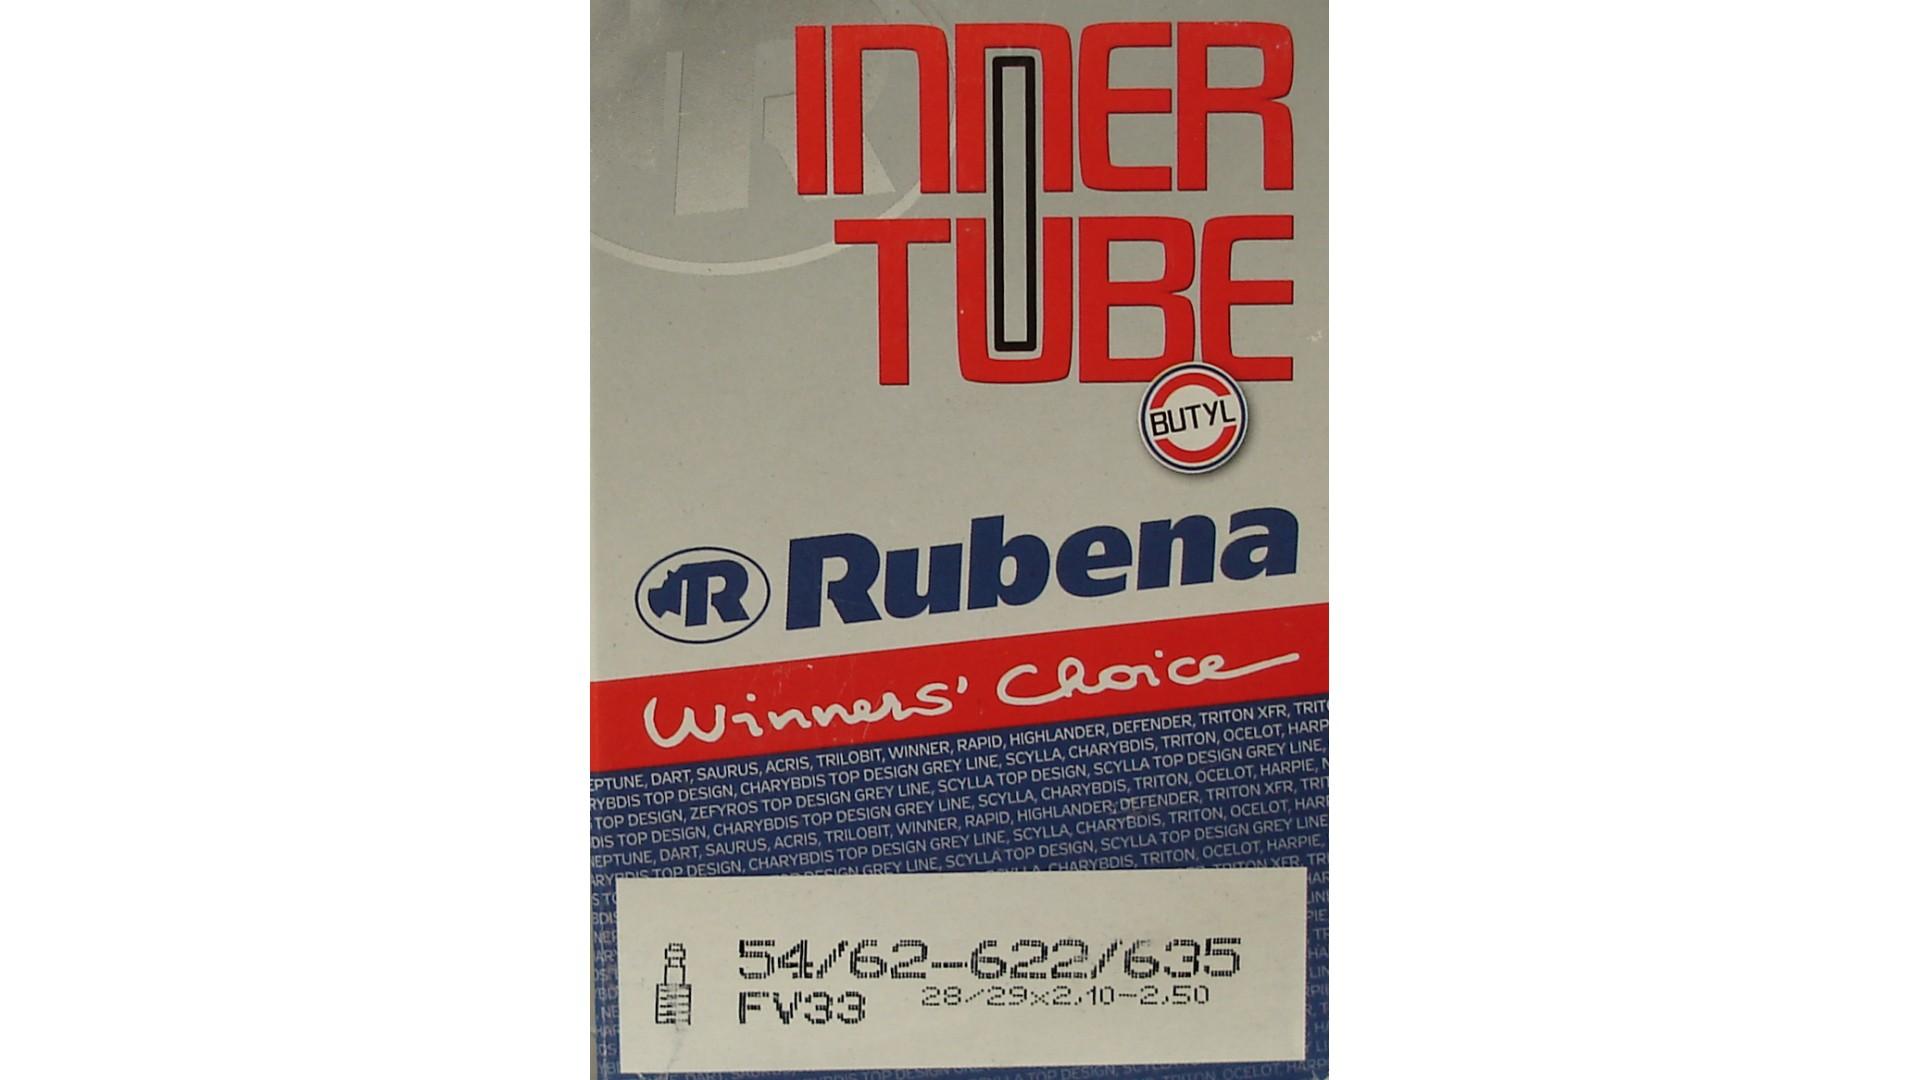 Камера RUBENA 28+29 x 2.10-2.50 FV 33мм Classic A10